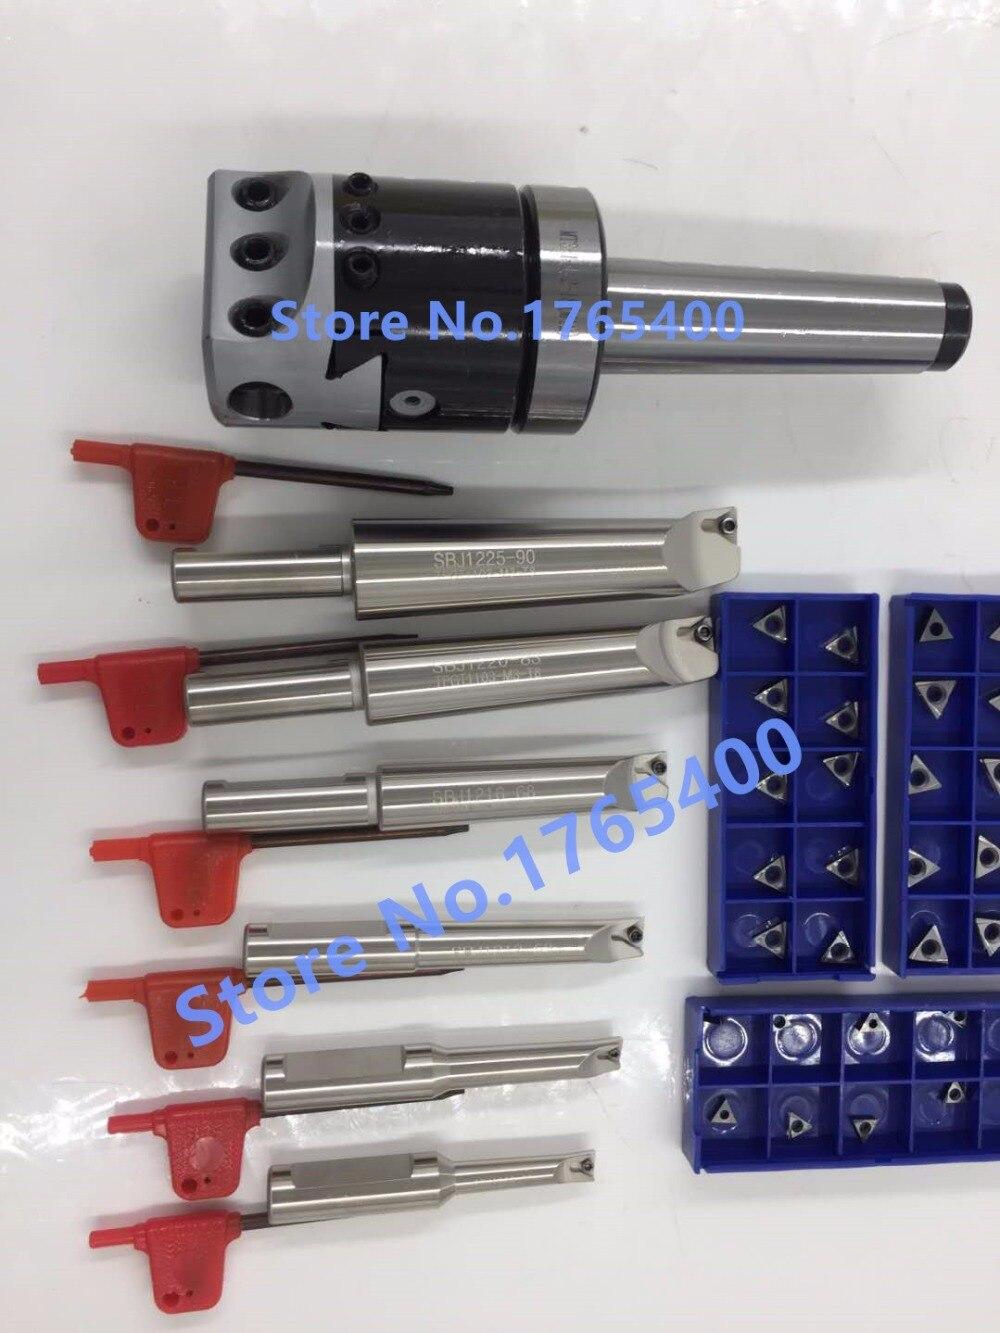 Nuovo MT4 M16 & F1 75mm noioso testa e gambo 18mm 6 pz borng bar & 30 pz inserti in metallo duro